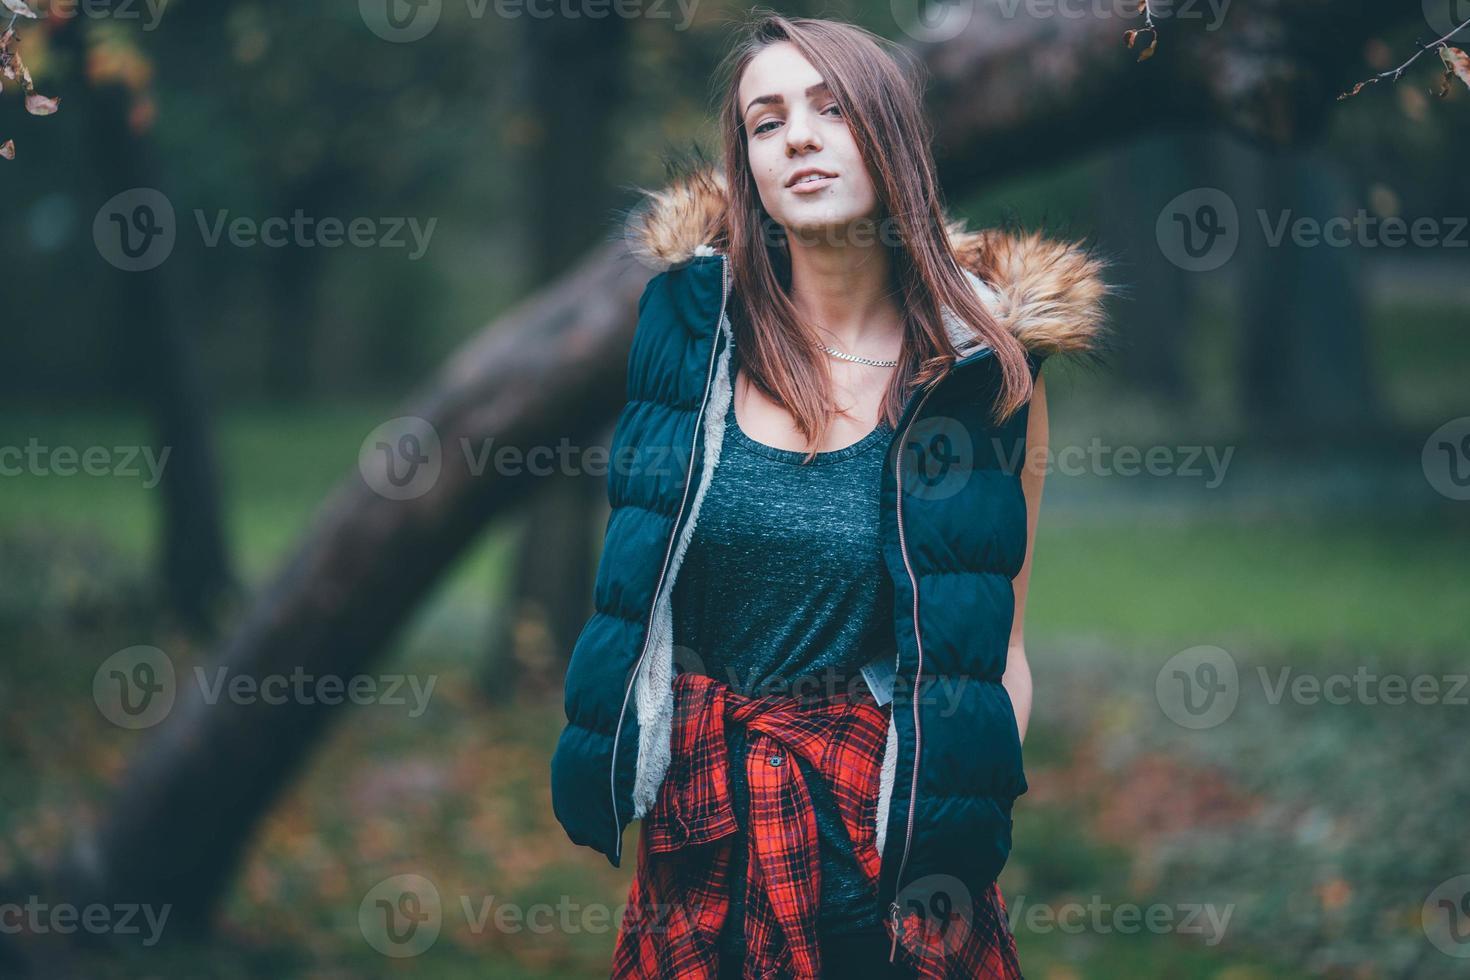 ung vacker flicka som står nära trädet. foto